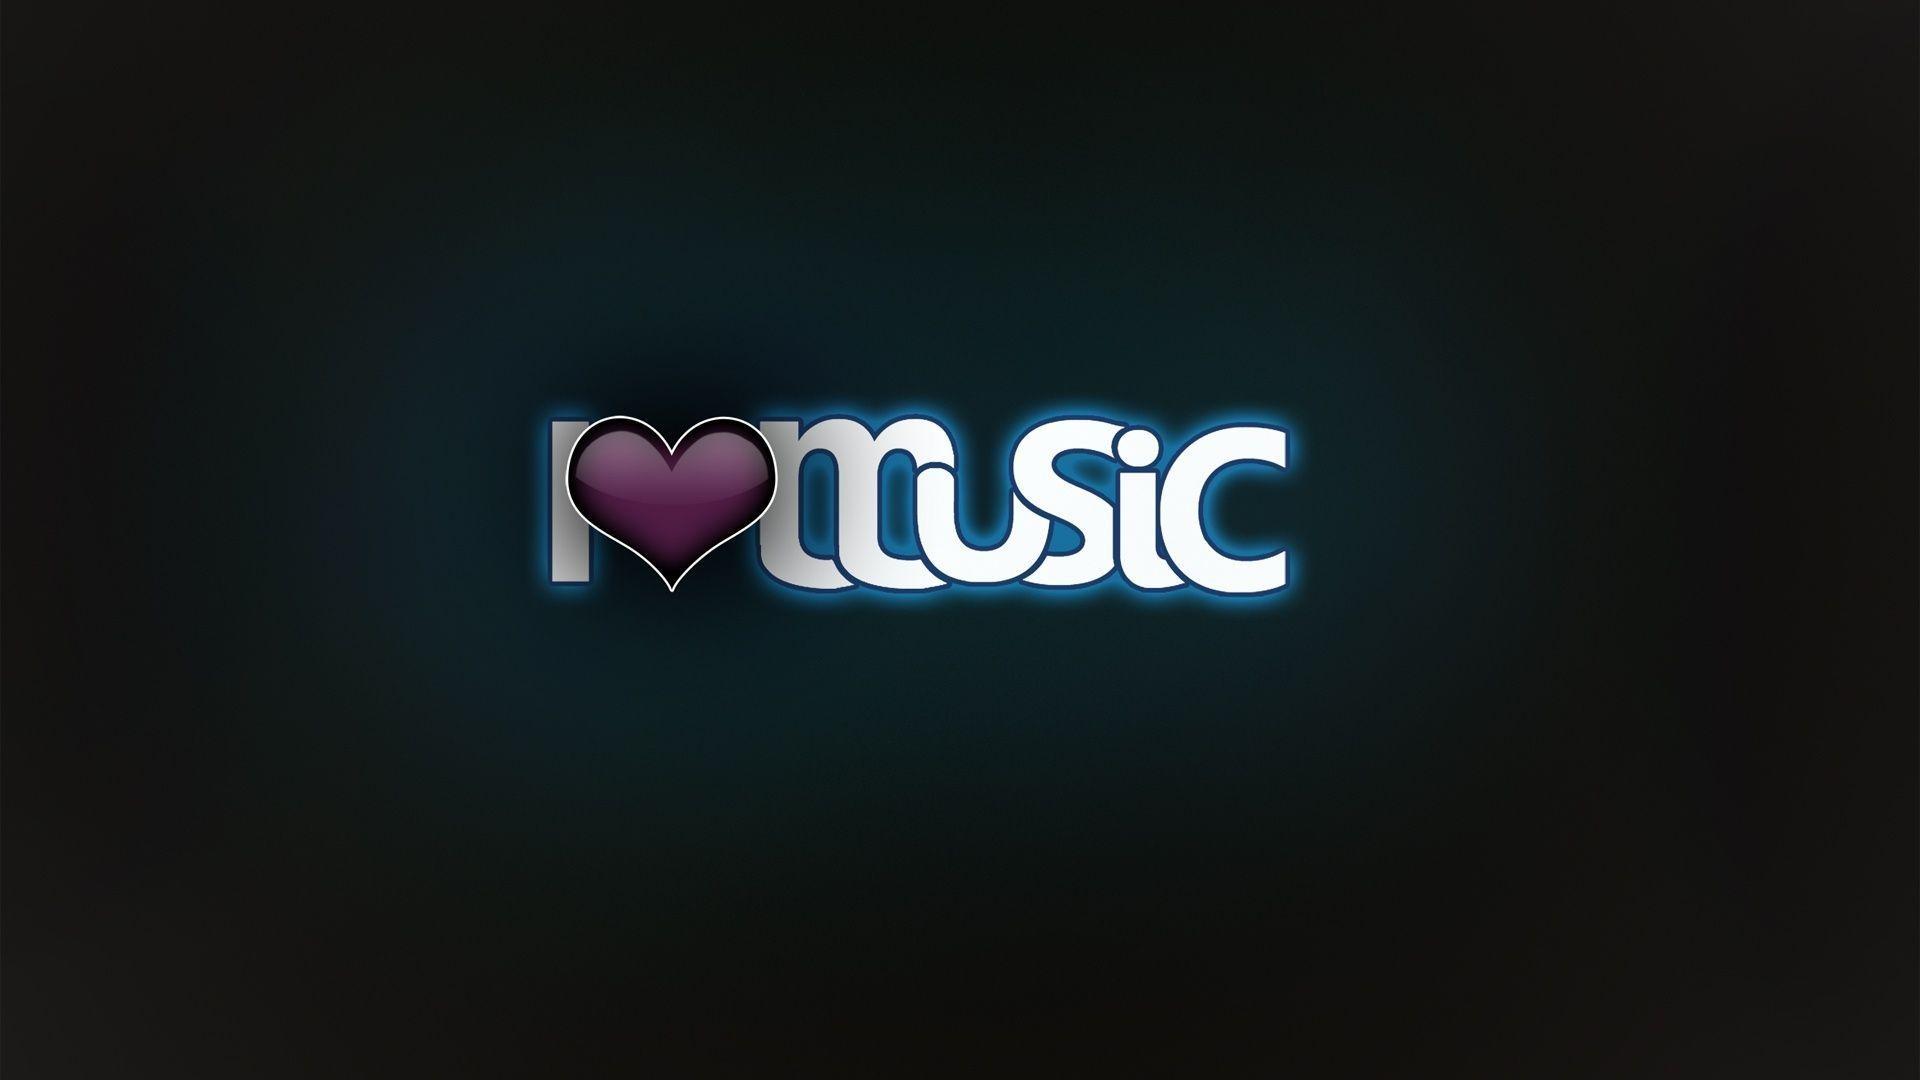 Wallpaper : text, logo, dubstep, DJ, house music, techno